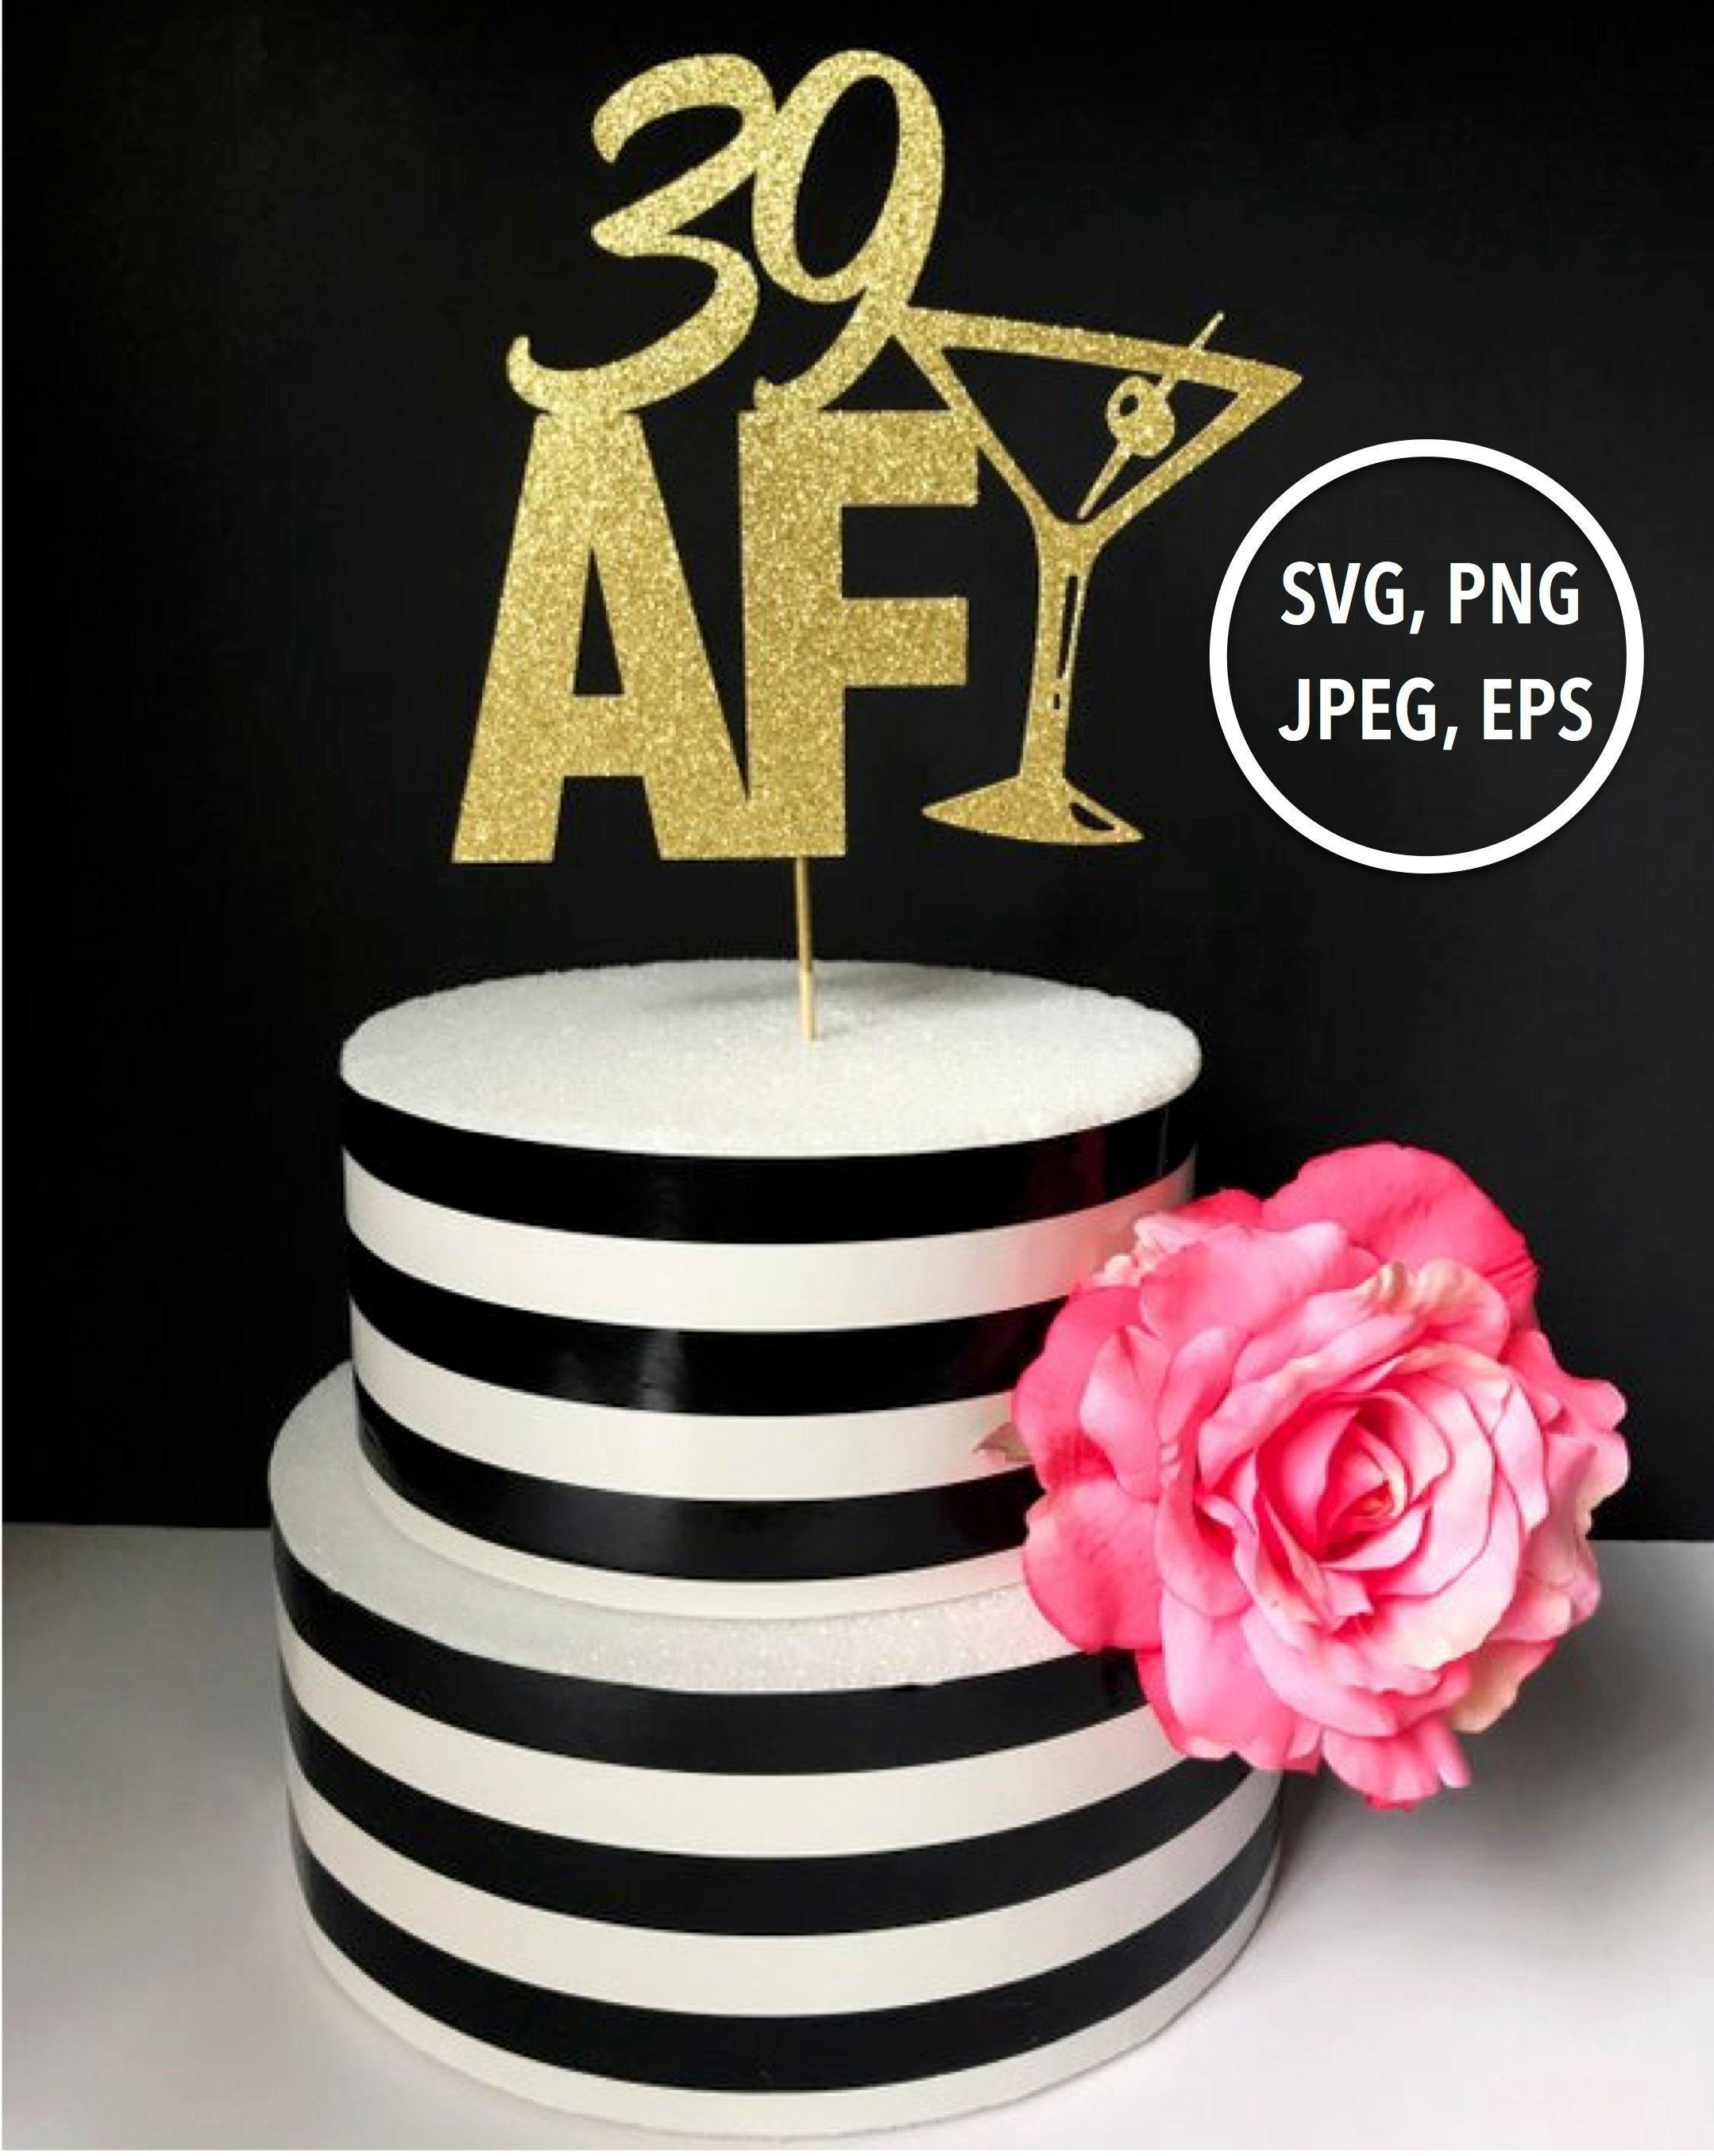 39th Birthday SVG File 39 AF Cut Cake